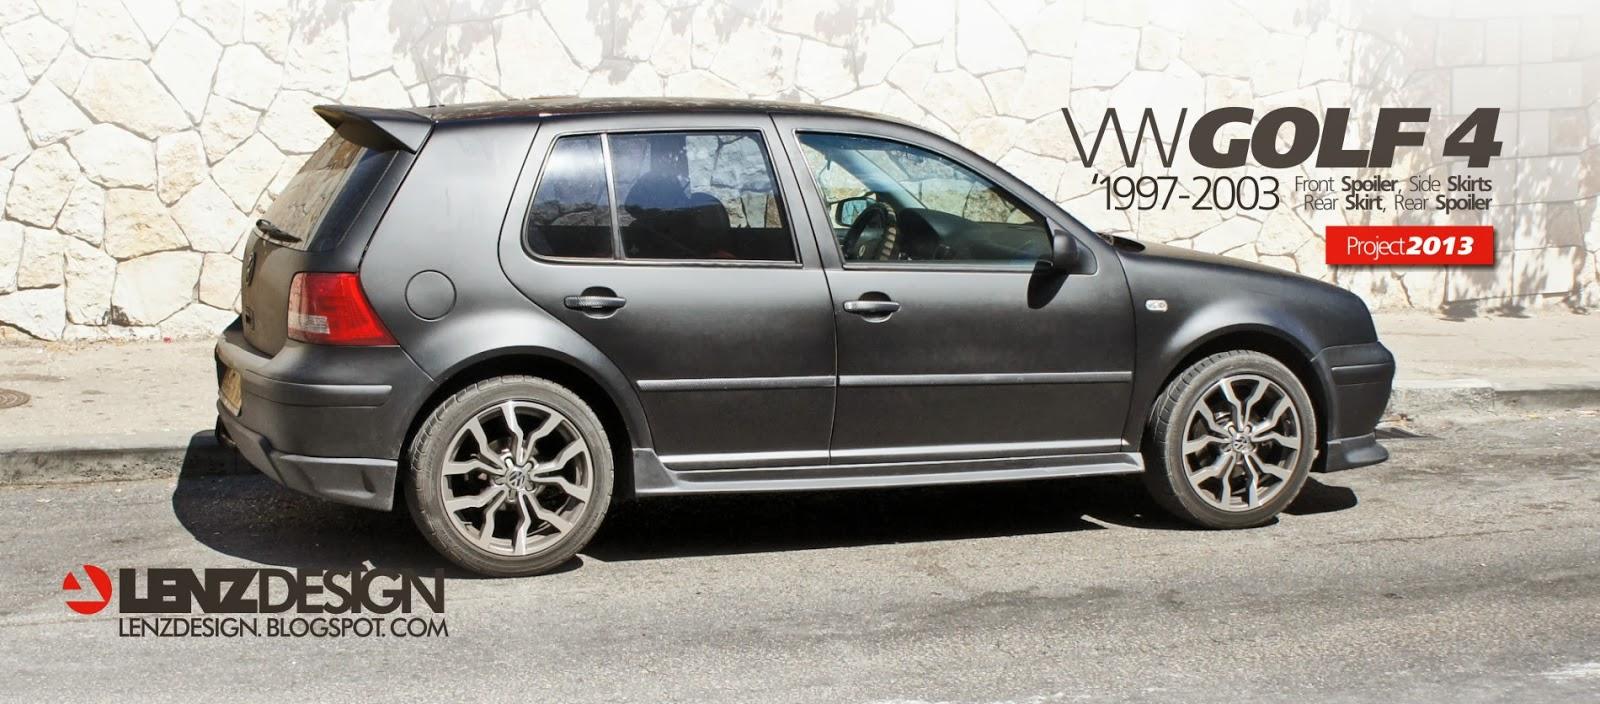 Vw Golf 4 Tuning Lenzdesign שיפורים חיצוניים לרכב Best